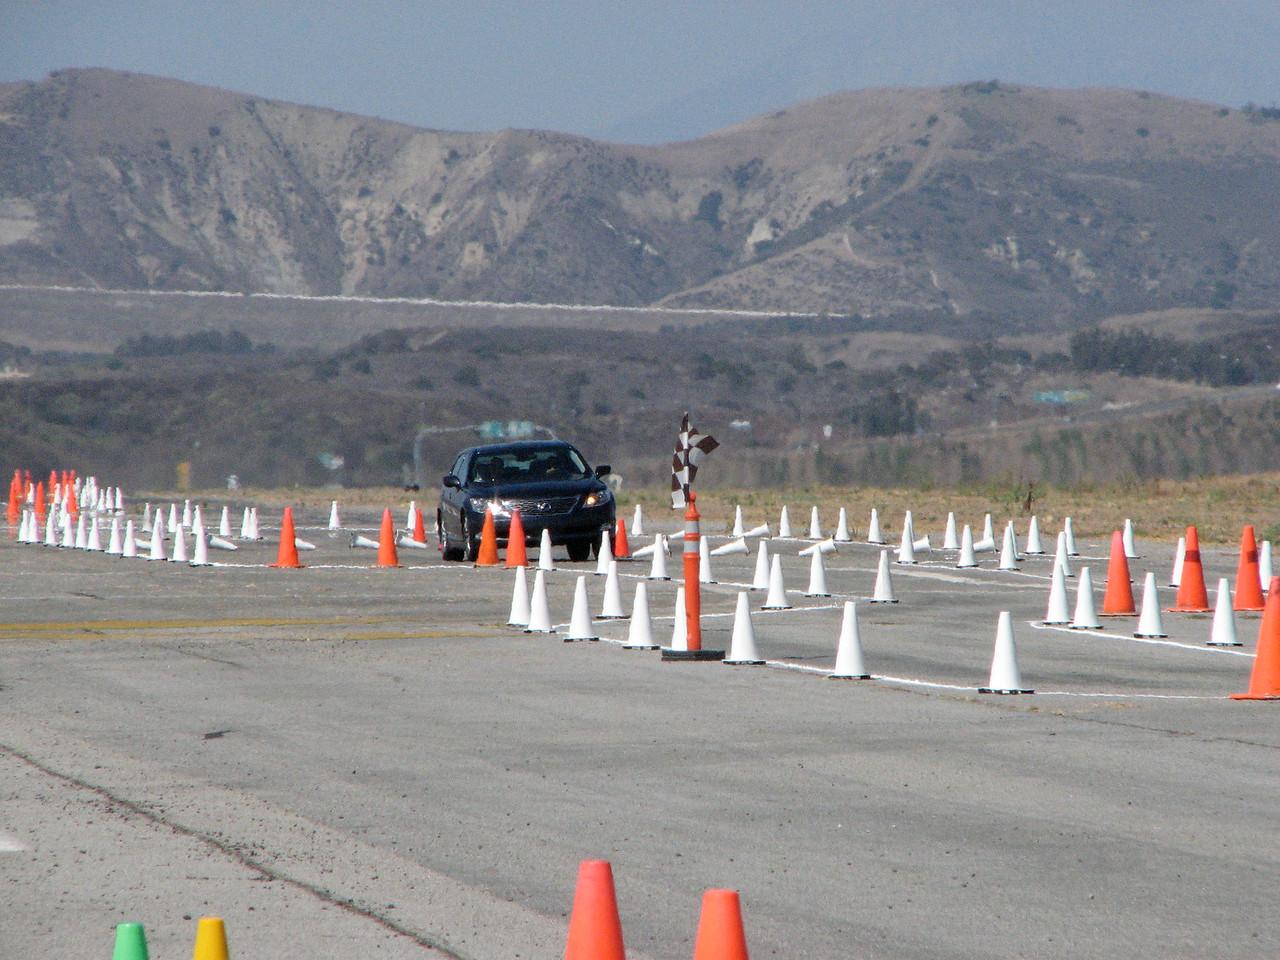 2006 09 23 Sat - Lexus LS460 through the slalom